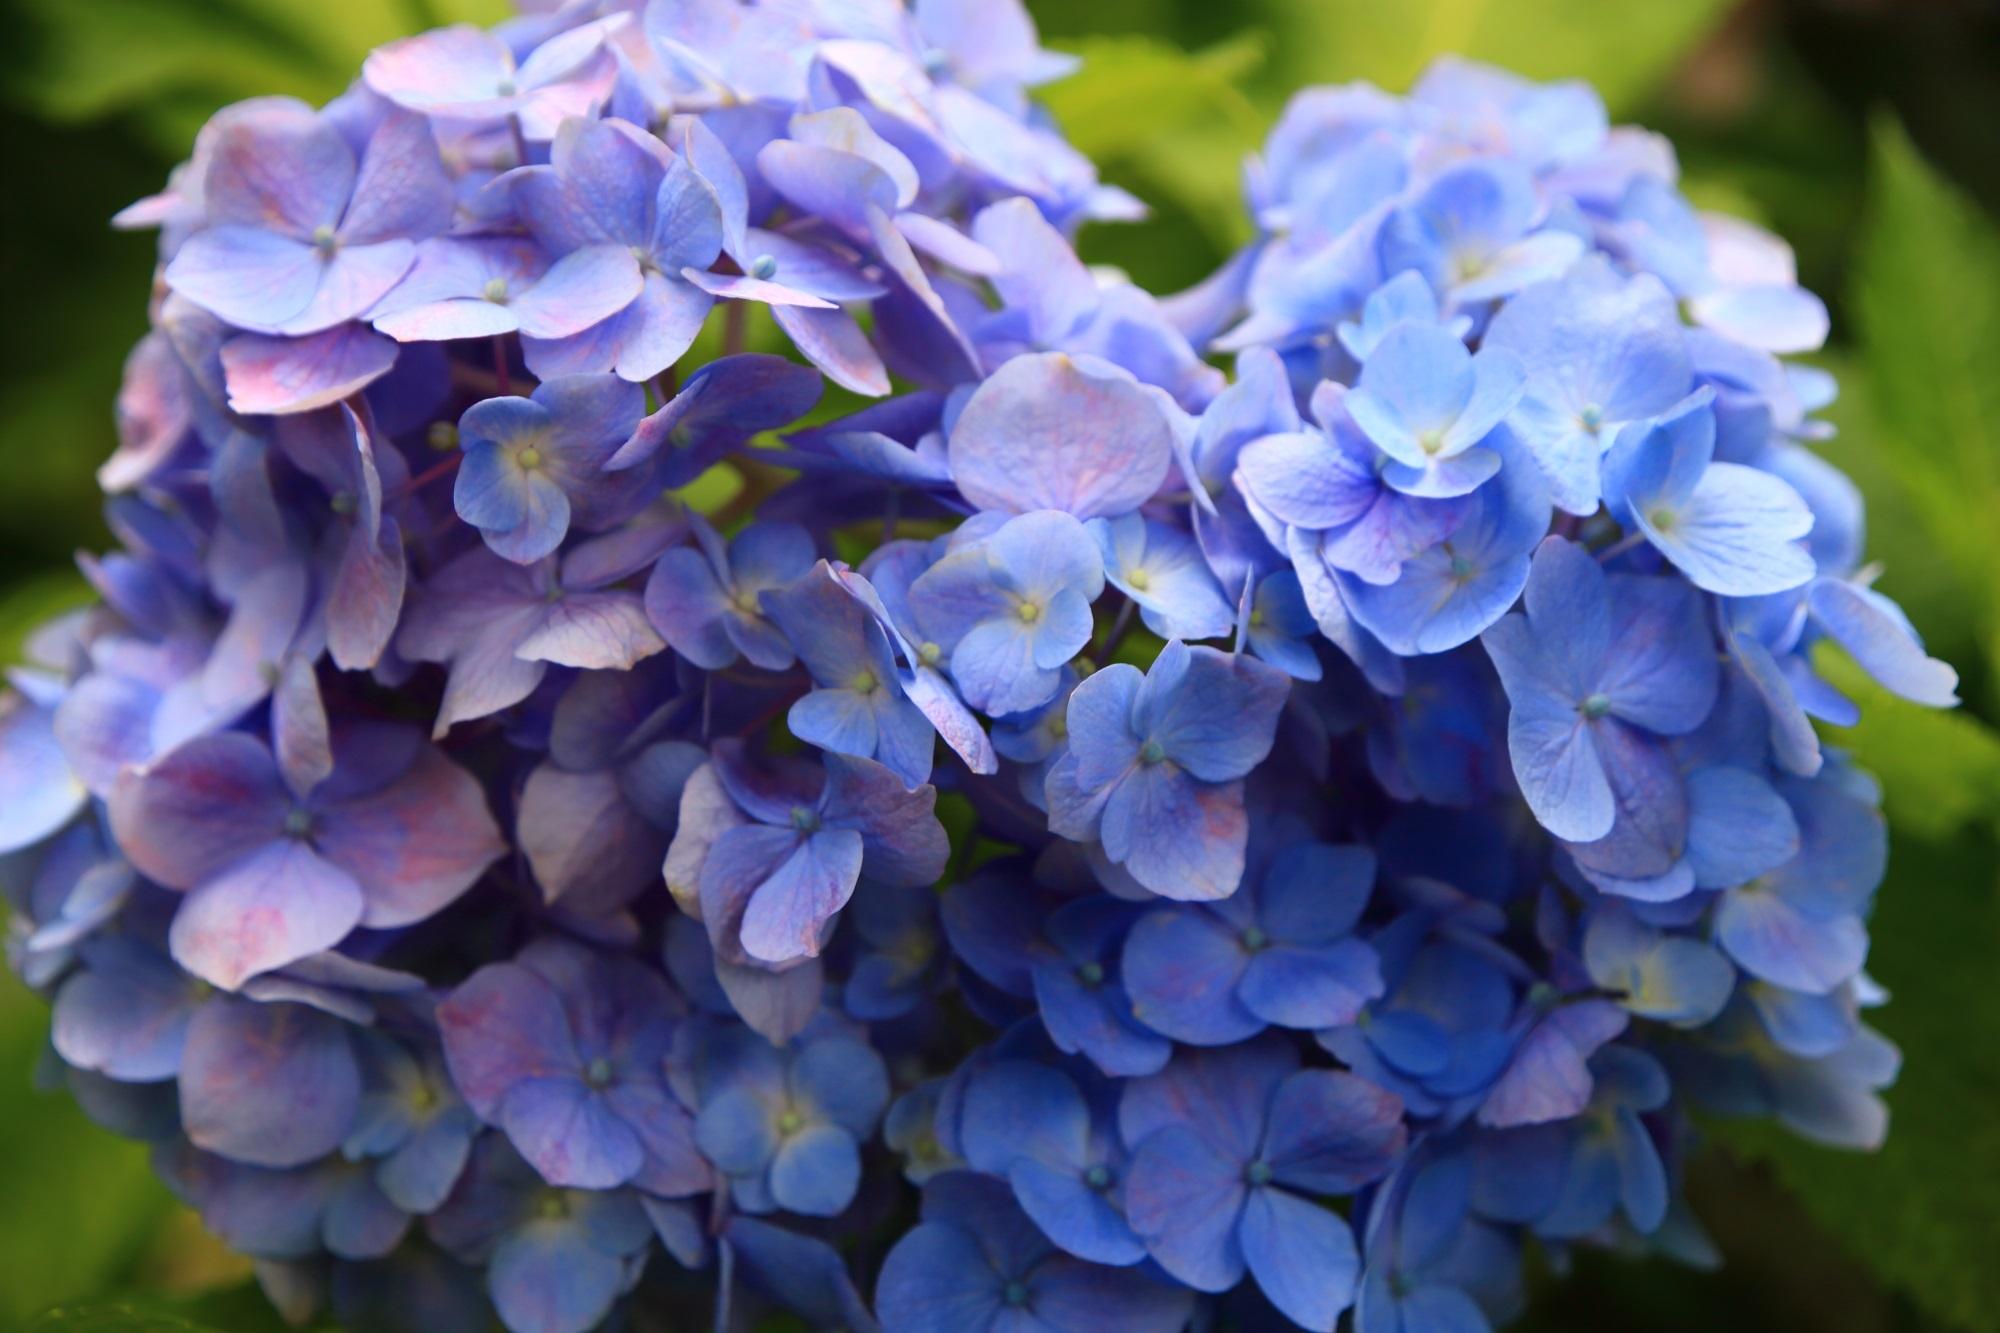 三室戸寺のハートになり切れなかった青と紫の2色の紫陽花